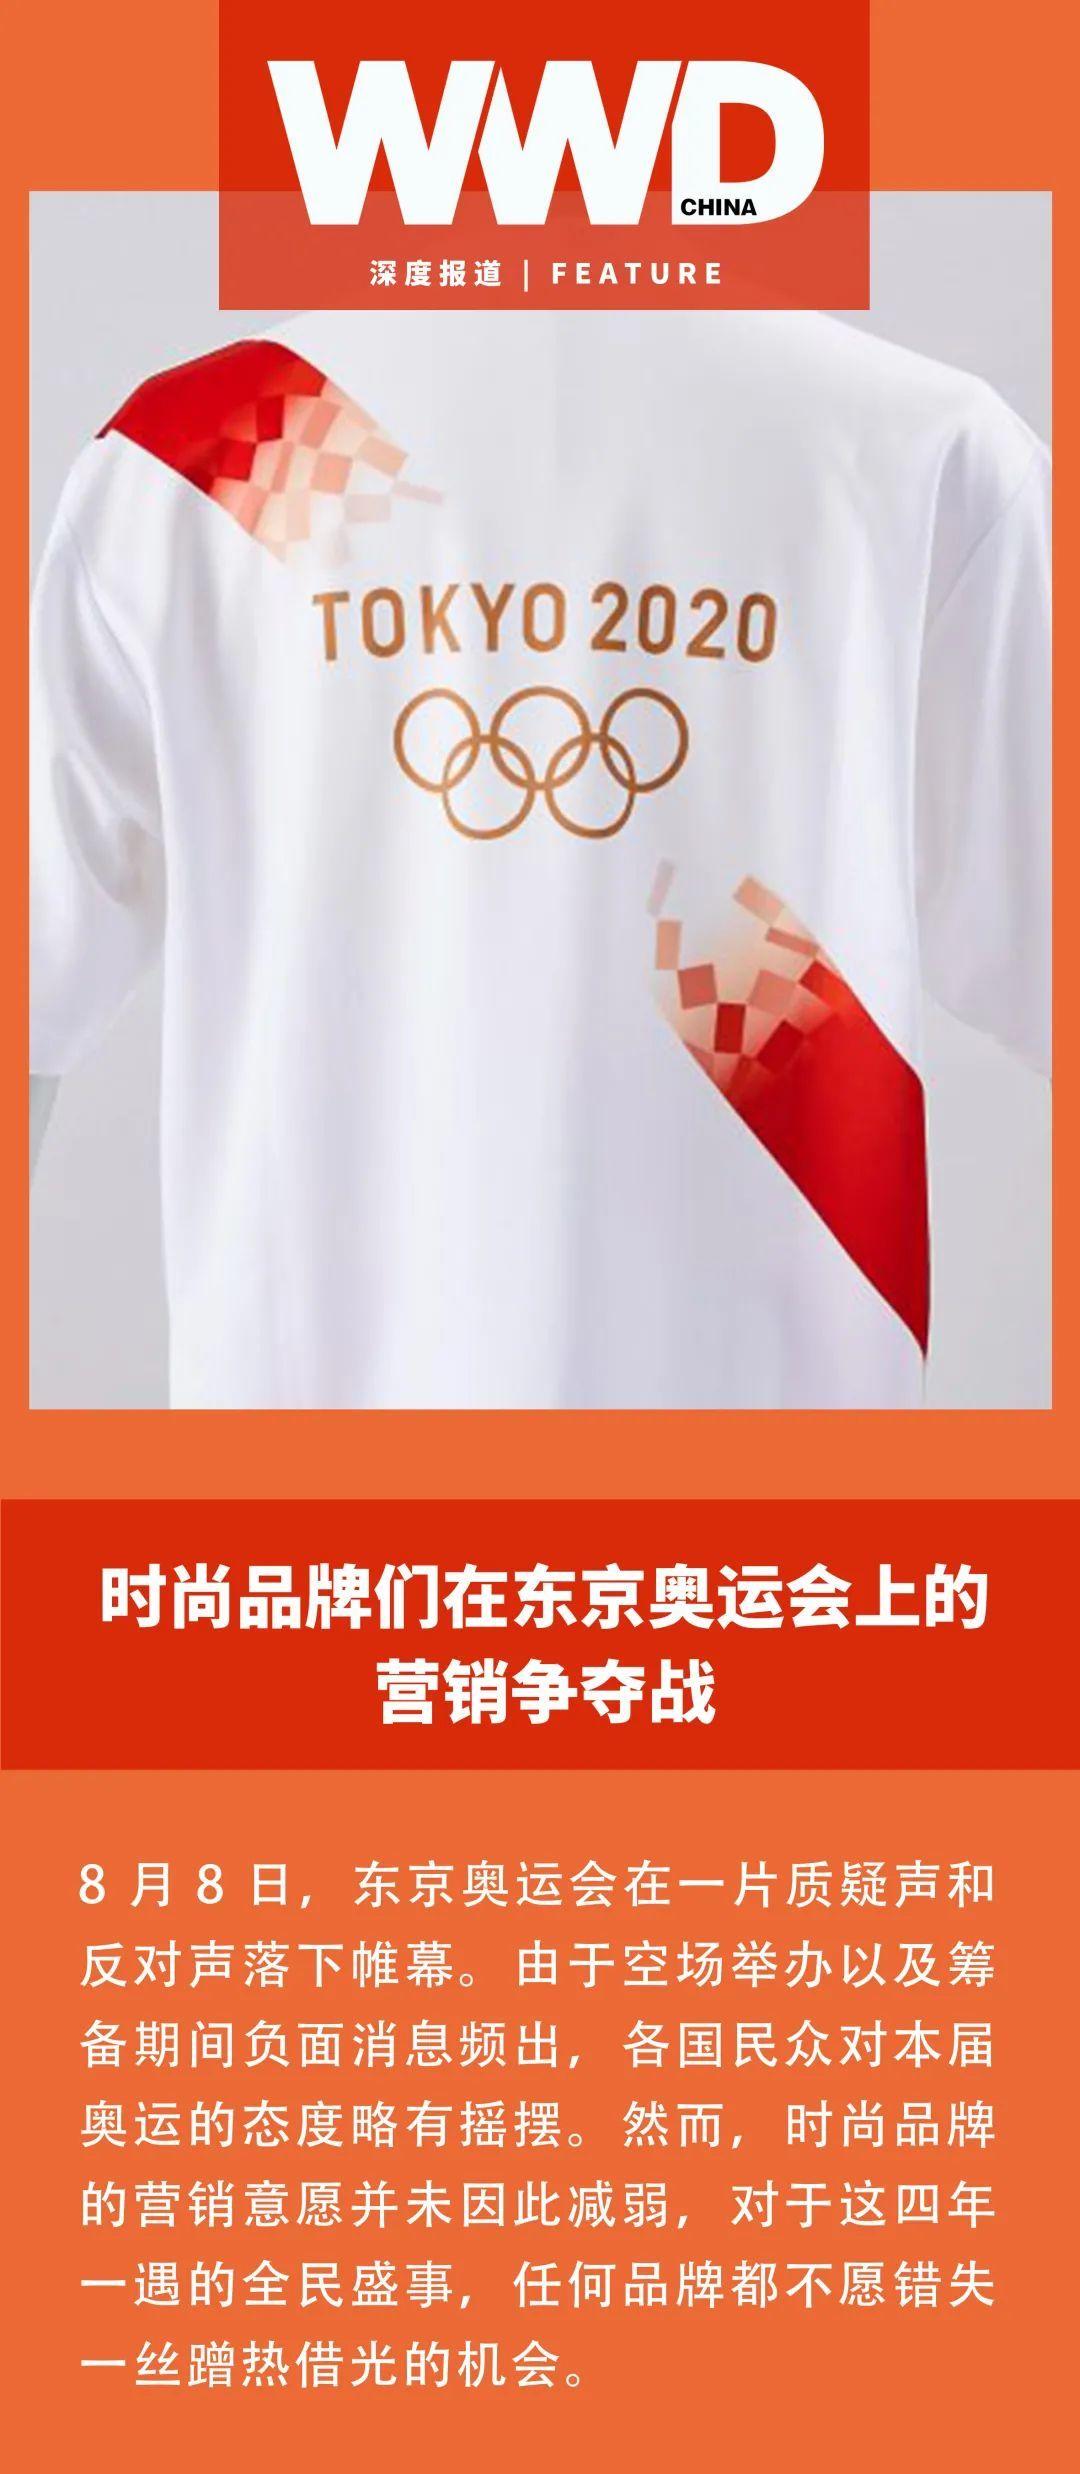 时尚品牌们在奥运会上的营销争夺战